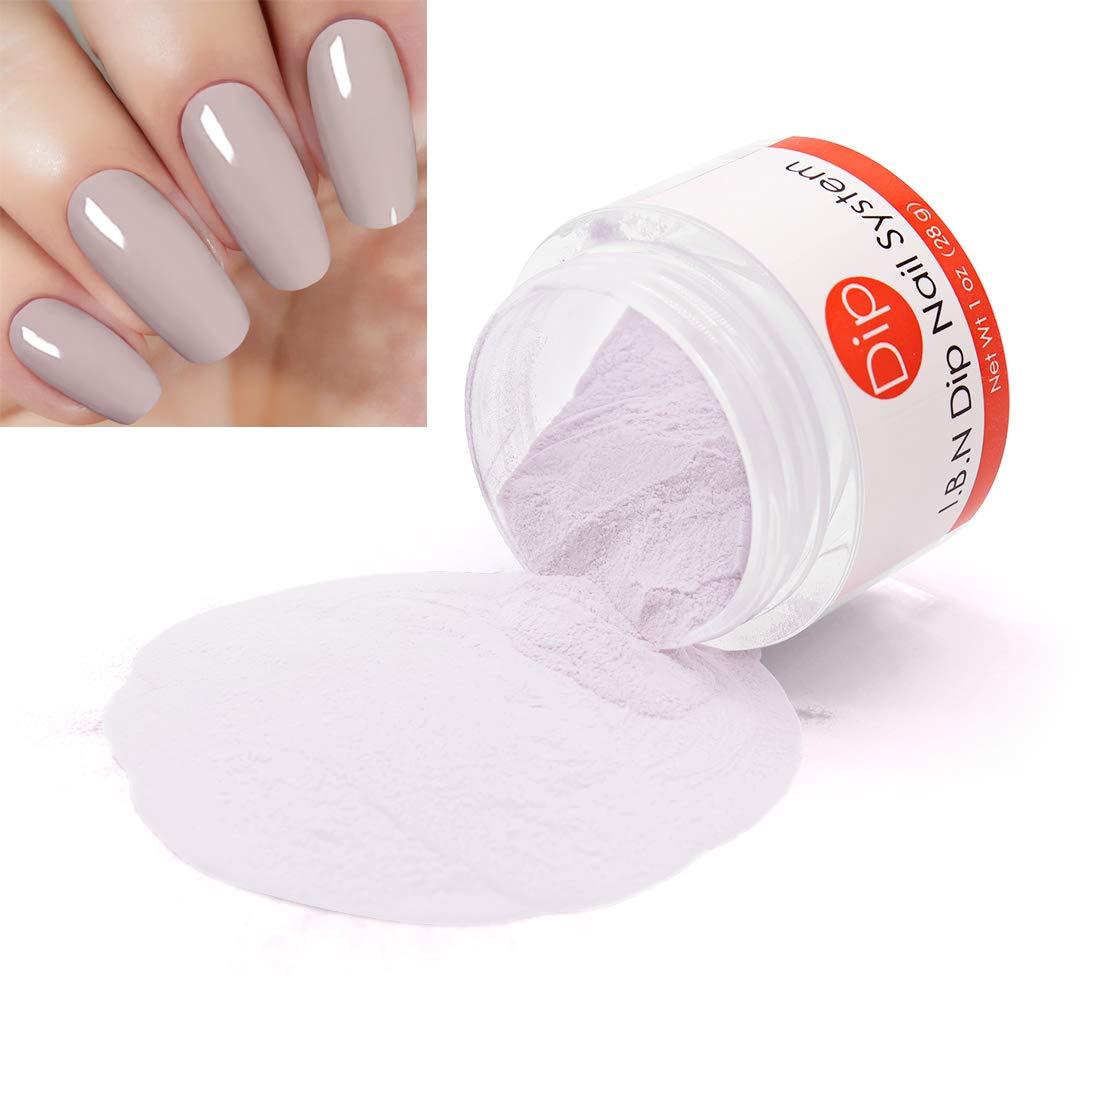 French Nail Dip Powder (Added Vitamin) I.B.N Dipping Powder Color, 1 oz/28g, No Need UV LED Nail Lamp (DIP 007)